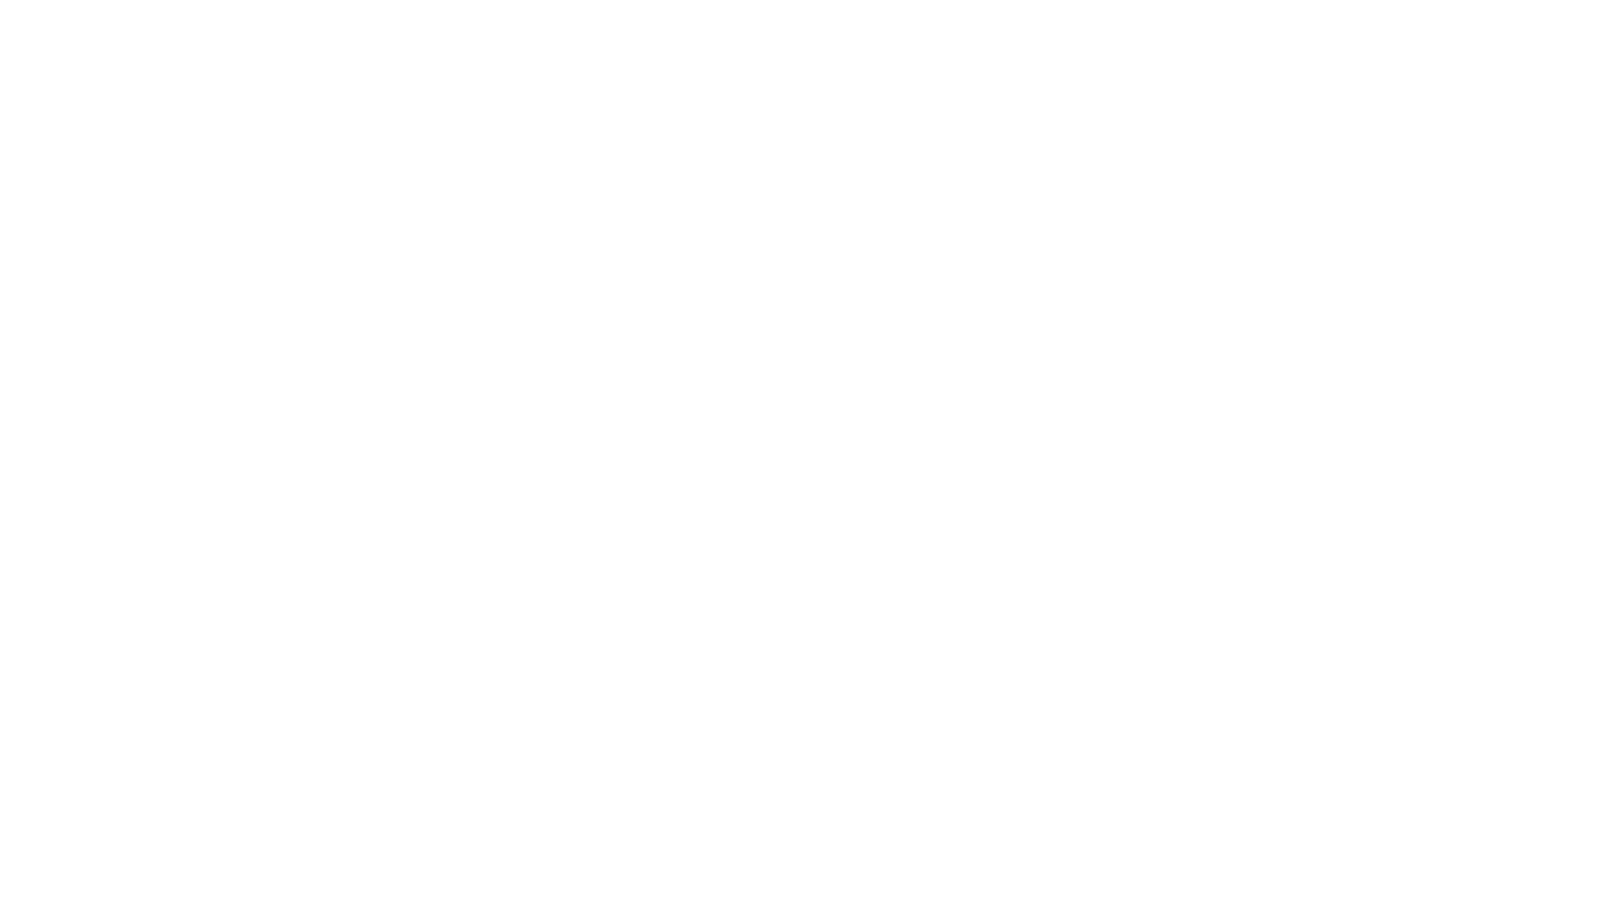 """Kapuas Hulu – Bupati Kapuas Hulu Fransiskus Diaan beserta rombongan Organisasi Perangkat Daerah Kabupaten Kapuas Hulu mendeklarasikan Stop Buang Air Besar Sembarangan (ODF) di Desa Sebindang, Kerukak, Pulau Majang, Seriang, dan janting. Jumat (24/09/2021)  Kegiatan yang berlangsung di Pasar Wisata Badau tersebut. Bupati Kapuas Hulu Fransiskus Diaan menyampaikan, bahwa dari 282 desa/kelurahan yang ada di Kabupaten Kapuas Hulu, Hingga bulan September tahun 2021 ini, baru 33 desa (11,7%) di 15 Kecamatan yang sudah layak menjadi desa ODF. Sedangkan akses sanitasi jamban sehat di kecamatan Badau sebanyak 97,2%.  """"Kecamatan Badau telah mampu mencapai 5 desa ODF sejak tahun 2020 hingga saat ini"""" sampai Fransiskus Diaan  Bupati Kapuas Hulu yang kerap disapa Bang Sis menyampaikan deklarasi stop buang air besar di sembarang tempat atau ODF merupakan wujud pemberdayaan masyarakat desa yang dengan kemandiriannya mampu merubah perilaku masyarakat menuju perilaku hidup yang lebih bersih dan sehat dari masyarakat yang buang air besar di sembarang tempat menjadi buang air besar di jamban yang sehat.  """"Hal ini merupakan bentuk komitmen yang tinggi dari masyarakat dalam upaya pencegahan penyakit berbasis lingkungan"""" ungkap Fransiskus Diaan  Bupati Sis mengucapkan selamat serta menyampaikan rasa terima kasih dan rasa bangga kepada kepala desa dan seluruh masyarakat desa Sebindang, Kekurak, Pulau Majang, Seriang, dan desa Janting yang telah berkomitmen untuk melaksanakan perilaku hidup bersih dan sehat melalui gerakan stop buang air besar di sembarang tempat.  """"Saya berharap agar prestasi ini dapat dipertahankan dan berkelanjutan agar seluruh masyarakat di desa ini tetap sehat dengan lingkungan dan kebersihan nya yang selalu terjaga"""" harap Fransiskus Diaan  ditempat yang sama Bupati Kapuas Hulu Fransiskus Diaan mengatakan ada yang menjadi hambatan dan masalah saat ini di Kecamatan Badau yaitu pengelolaan sampah rumah tangga yang aman dan pengelolaan limbah cair rumah tangga karena masi"""